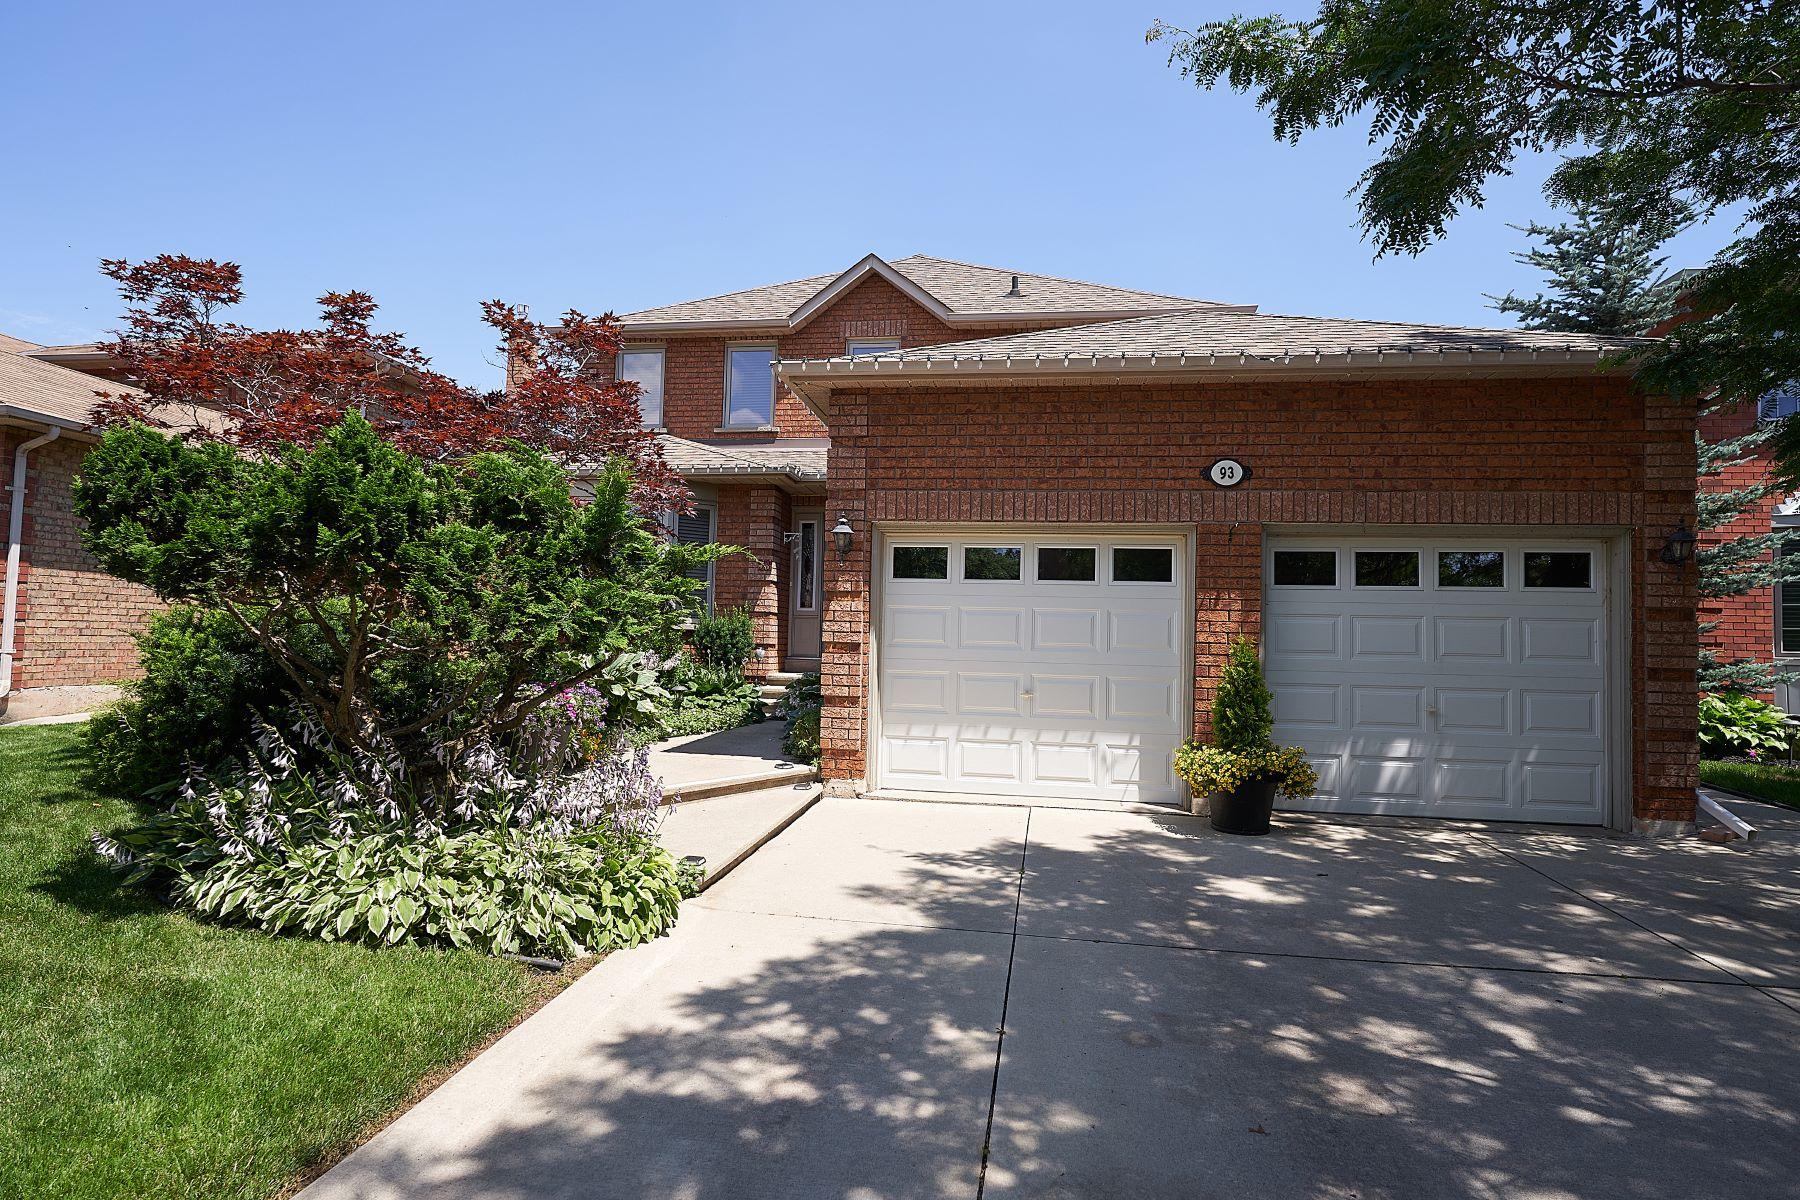 獨棟家庭住宅 為 出售 在 93 Waldie Road Oakville, 安大略省, L6L 6G5 加拿大